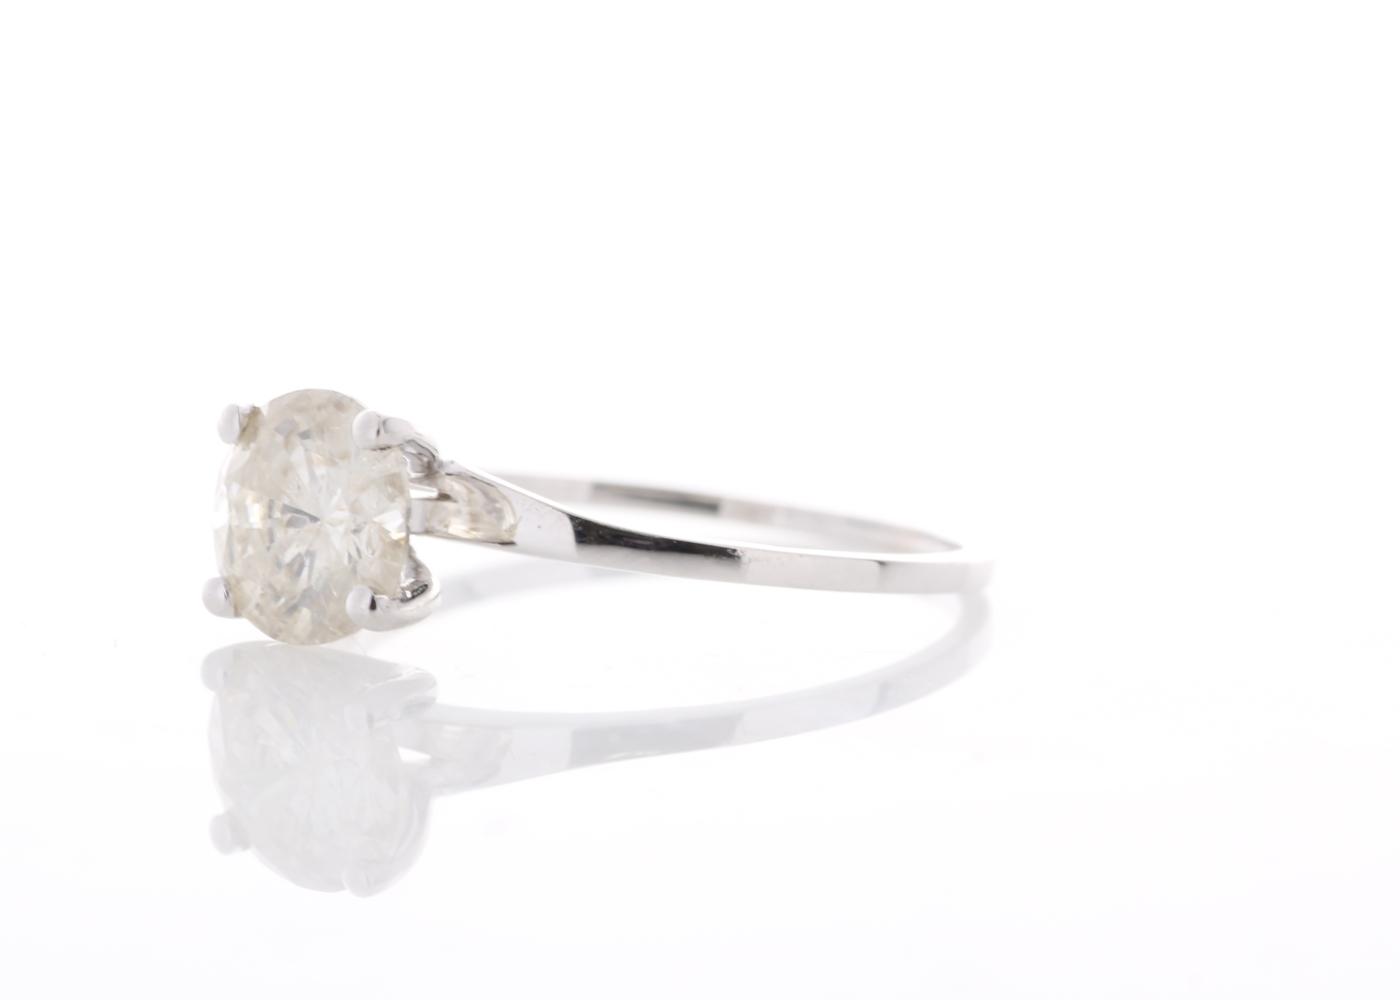 18ct White Gold Rex Set Diamond Ring 1.06 Carats - Image 2 of 5